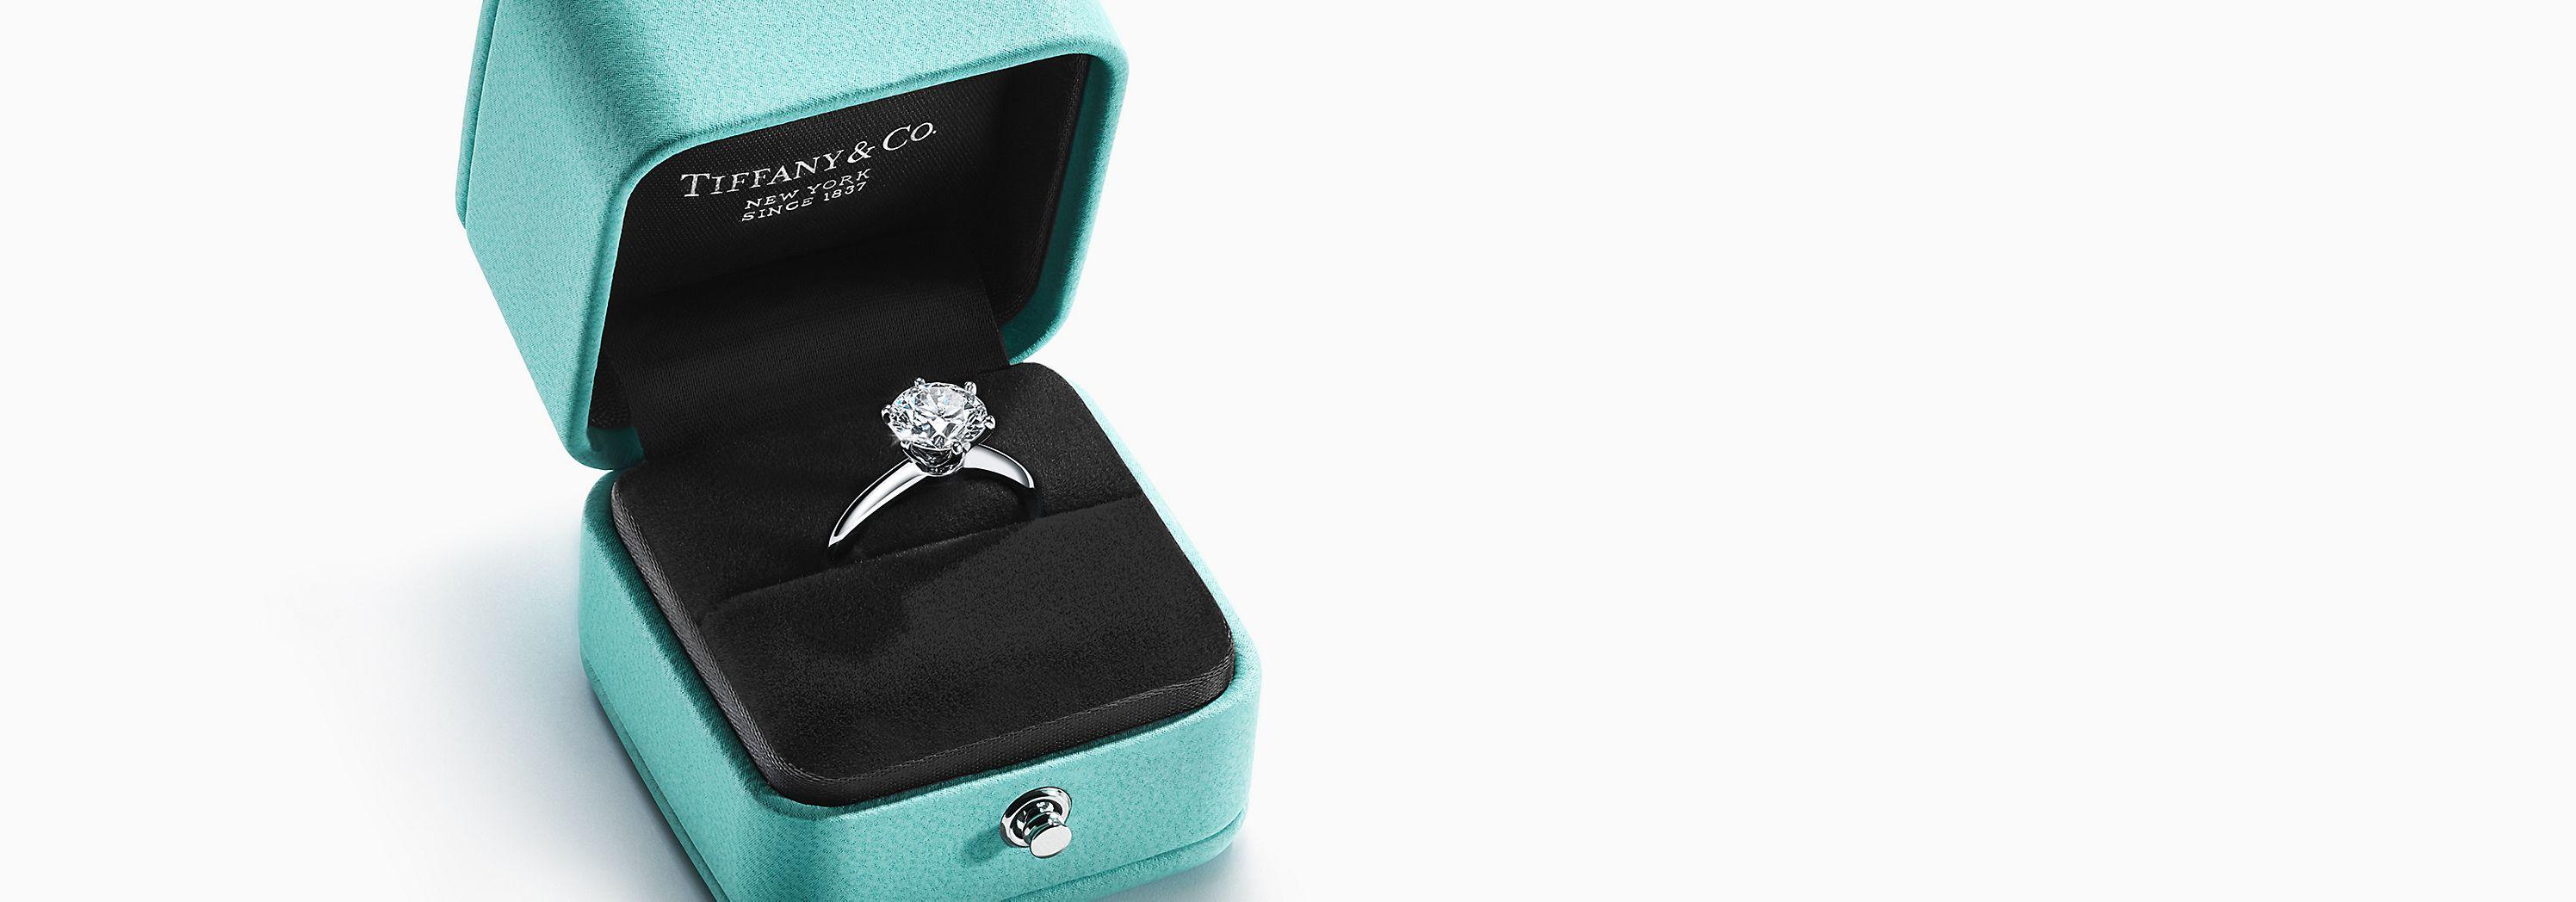 new style dc347 9831d ブライダル アポイントメントを予約する | Tiffany & Co.